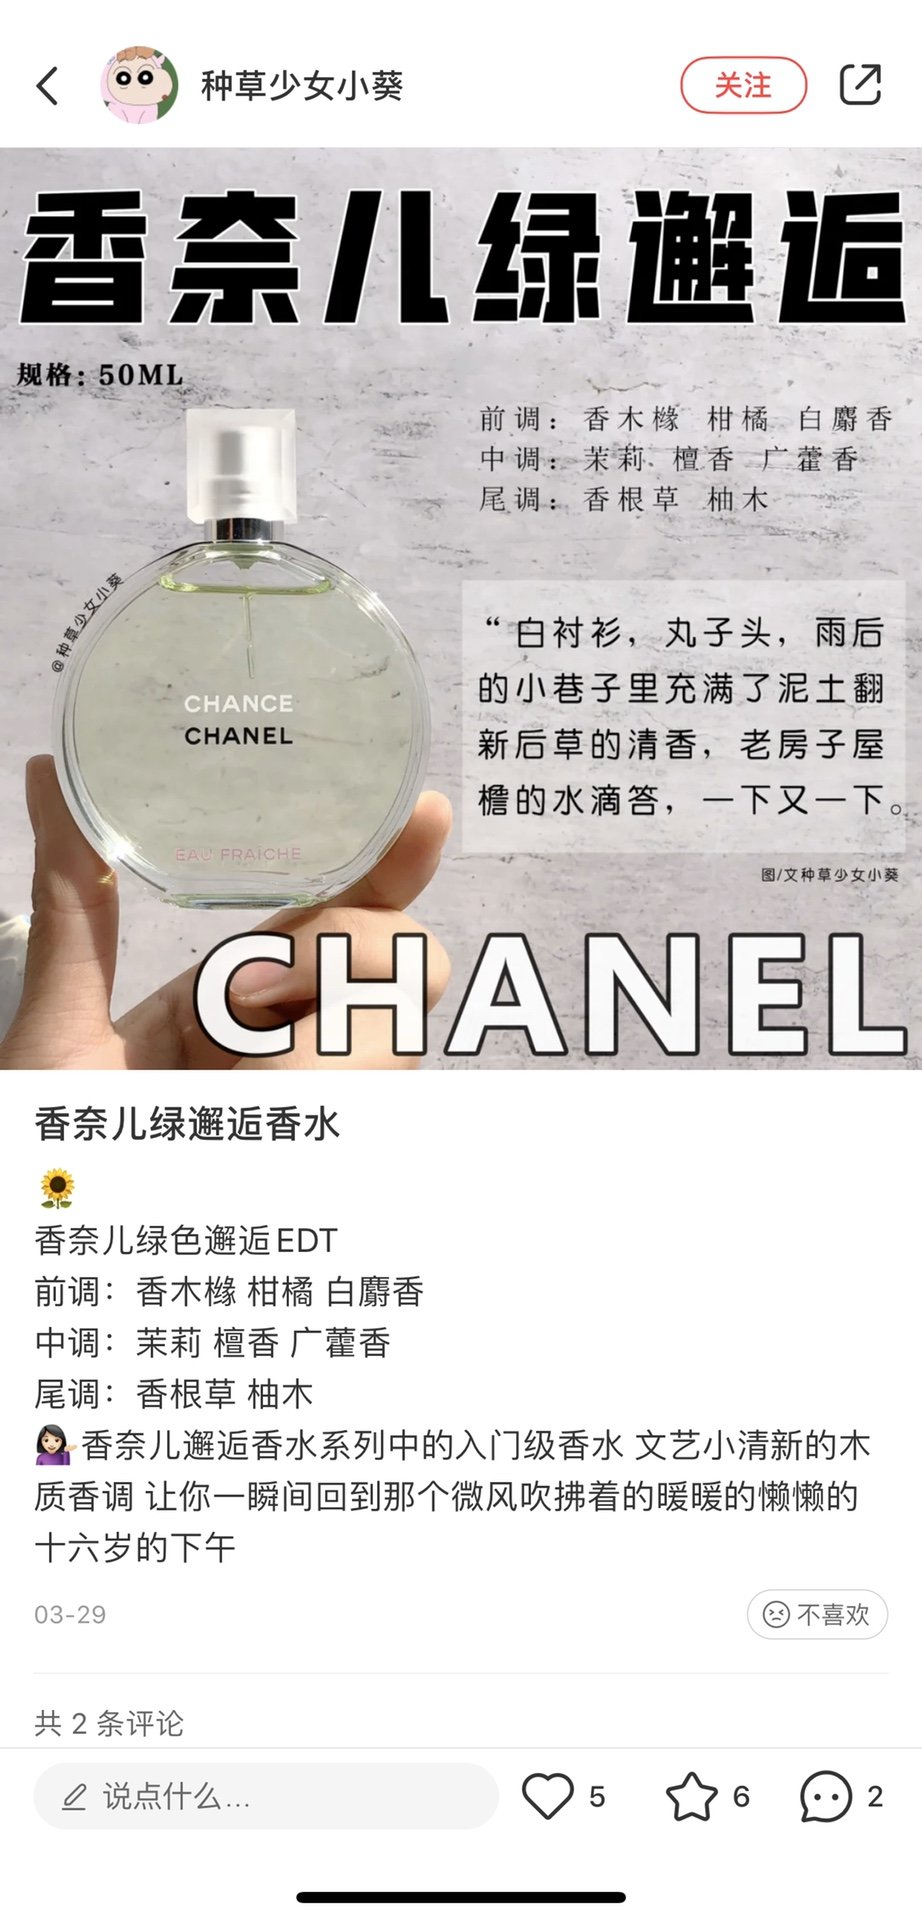 图1_chanel香奈儿